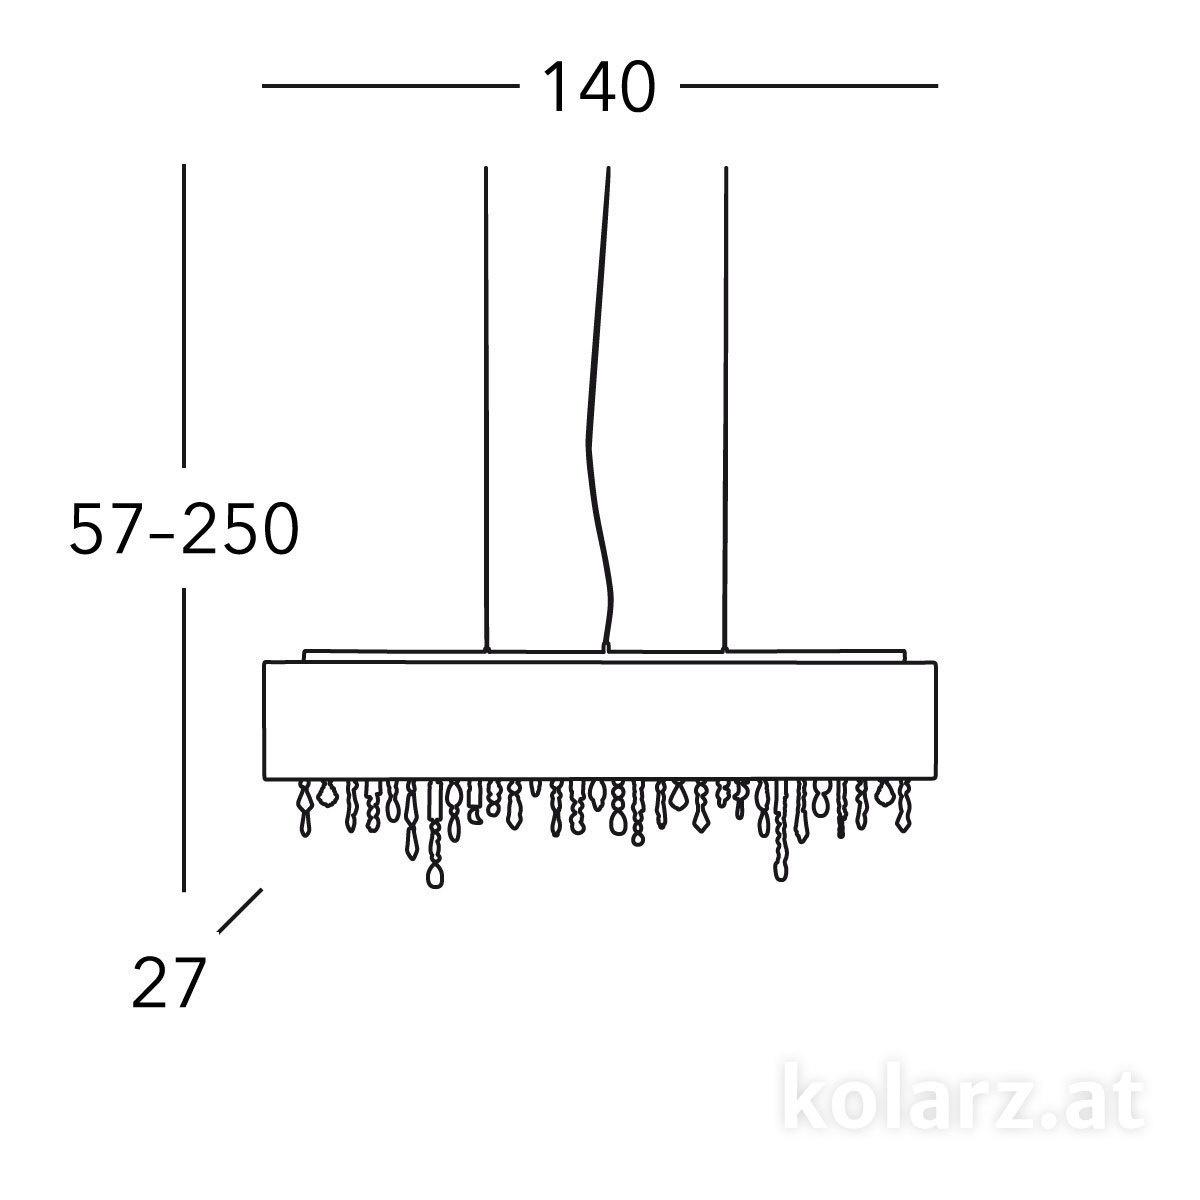 0240-87-3-W-KoT-s1.jpg